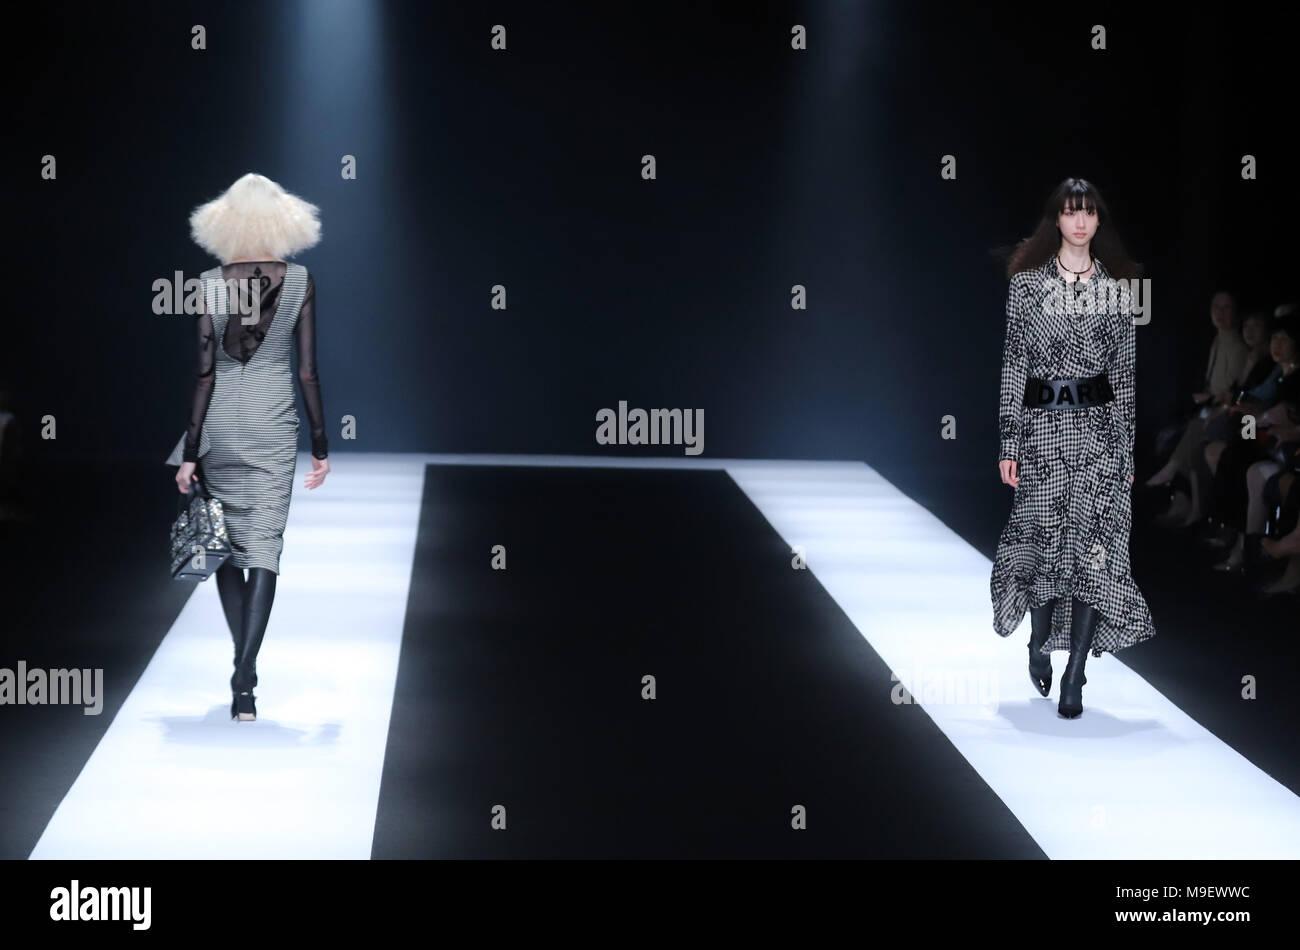 Tokio, Japón. 20 Mar, 2018. Una modelo muestra una creación del diseñador japonés Tae Ashida en su colección otoño/invierno 2018 en Tokio como parte de la Semana de la moda de Tokio el viernes, 23 de marzo de 2018. Crédito: Yoshio Tsunoda/AFLO/Alamy Live News Foto de stock